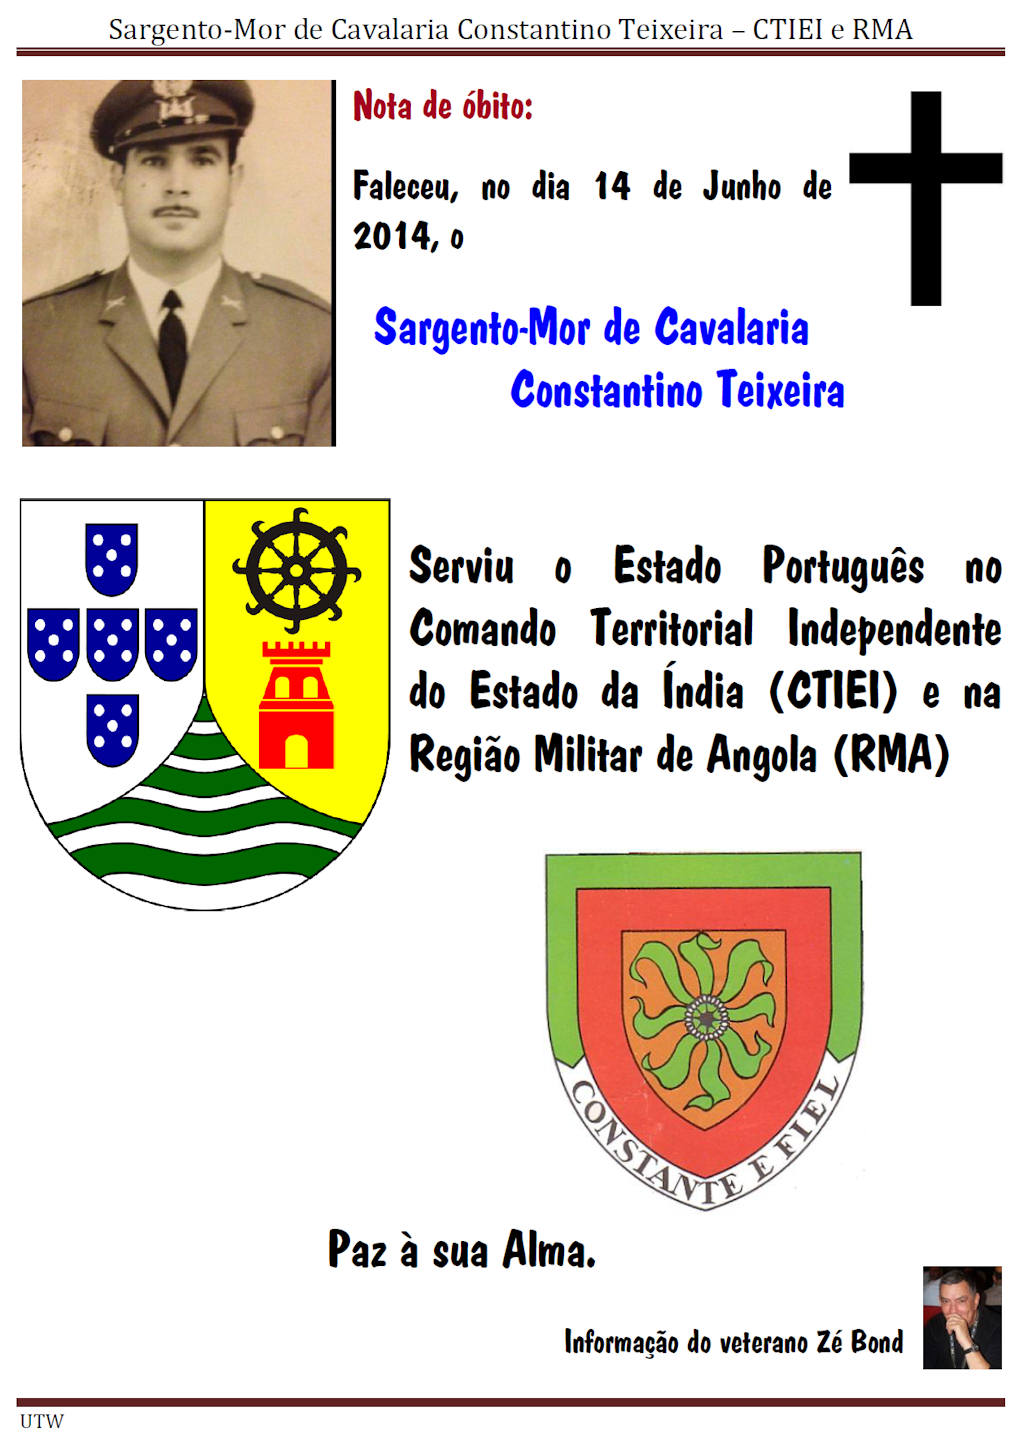 Faleceu o Sargento-Mor de Cavalaria Constantino Teixeira - CTIEI e RMA - 14JUn2014 Sargen11